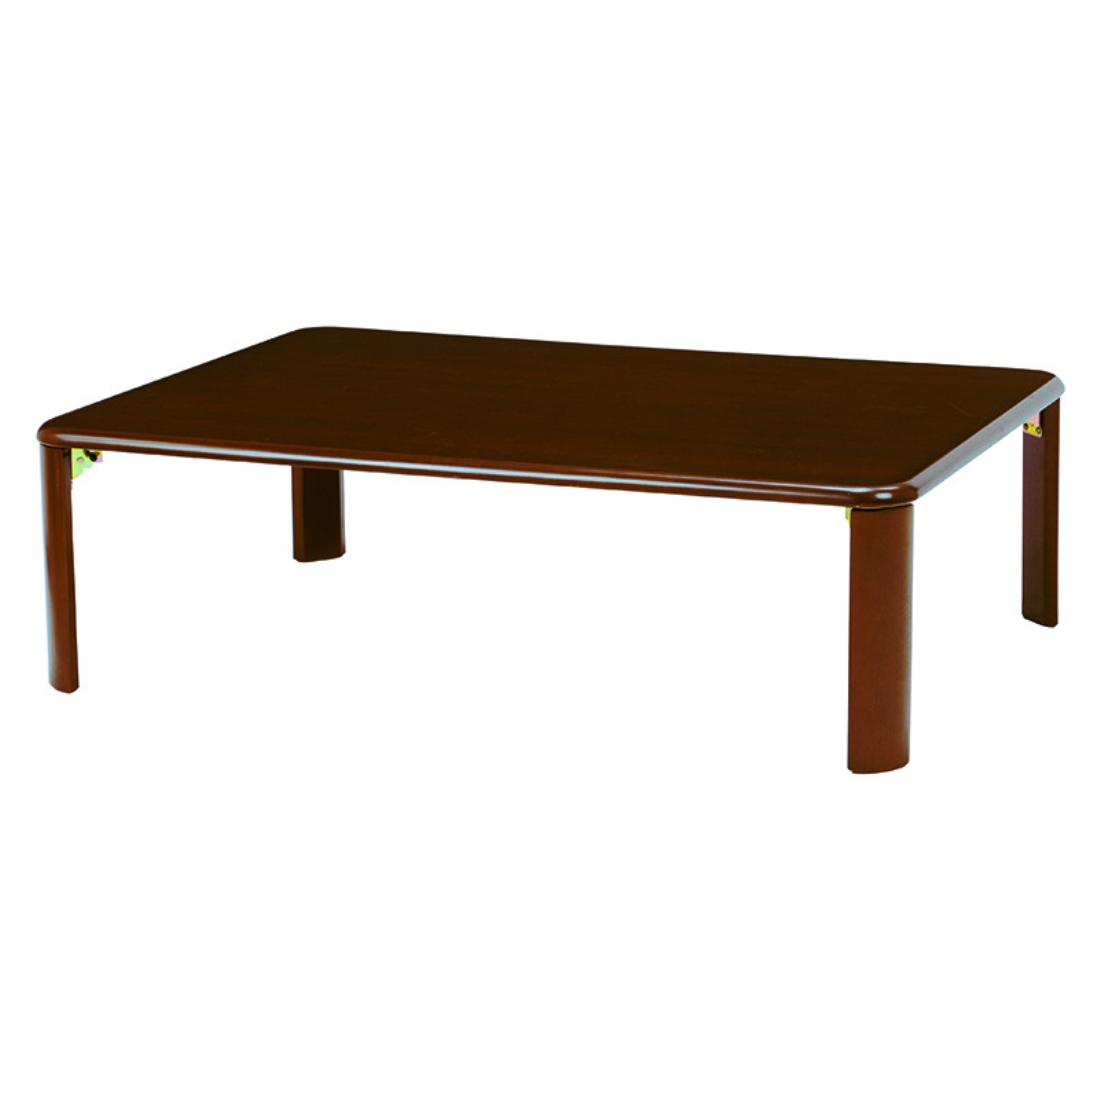 【送料無料】おしゃれ家具 折れ脚 テーブル 机